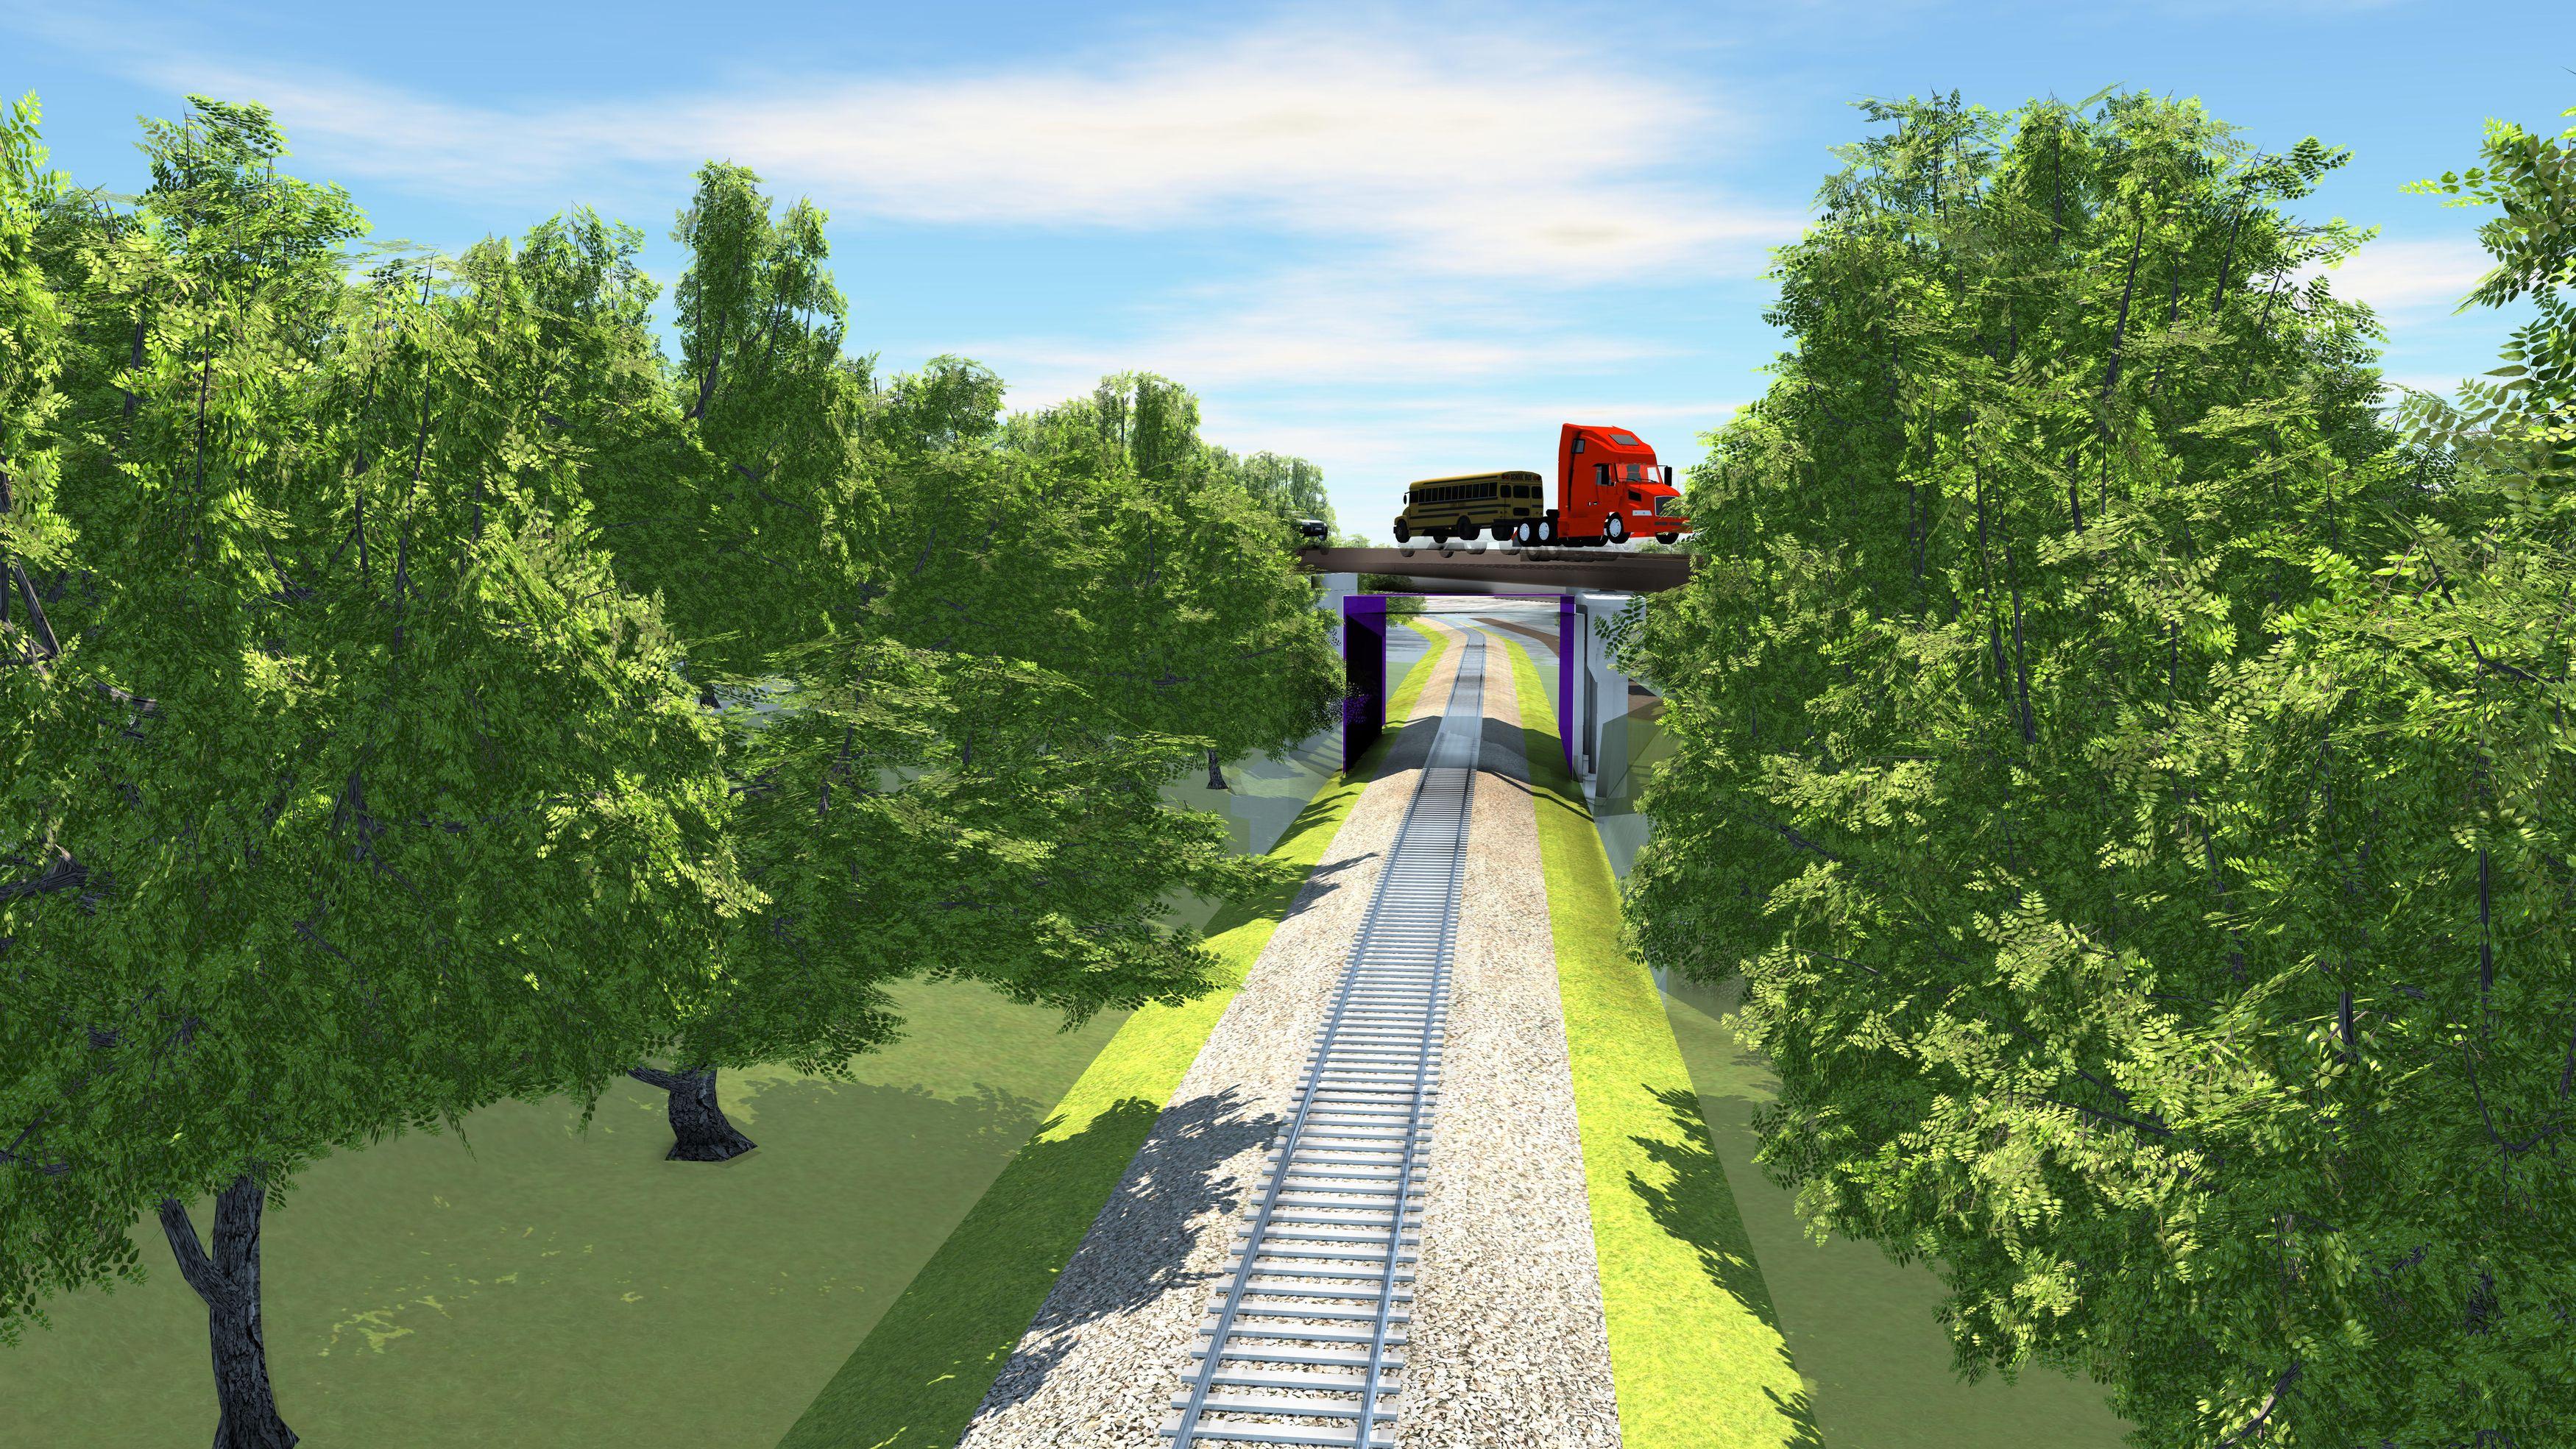 Bridge-80-ft-span-3500-3500